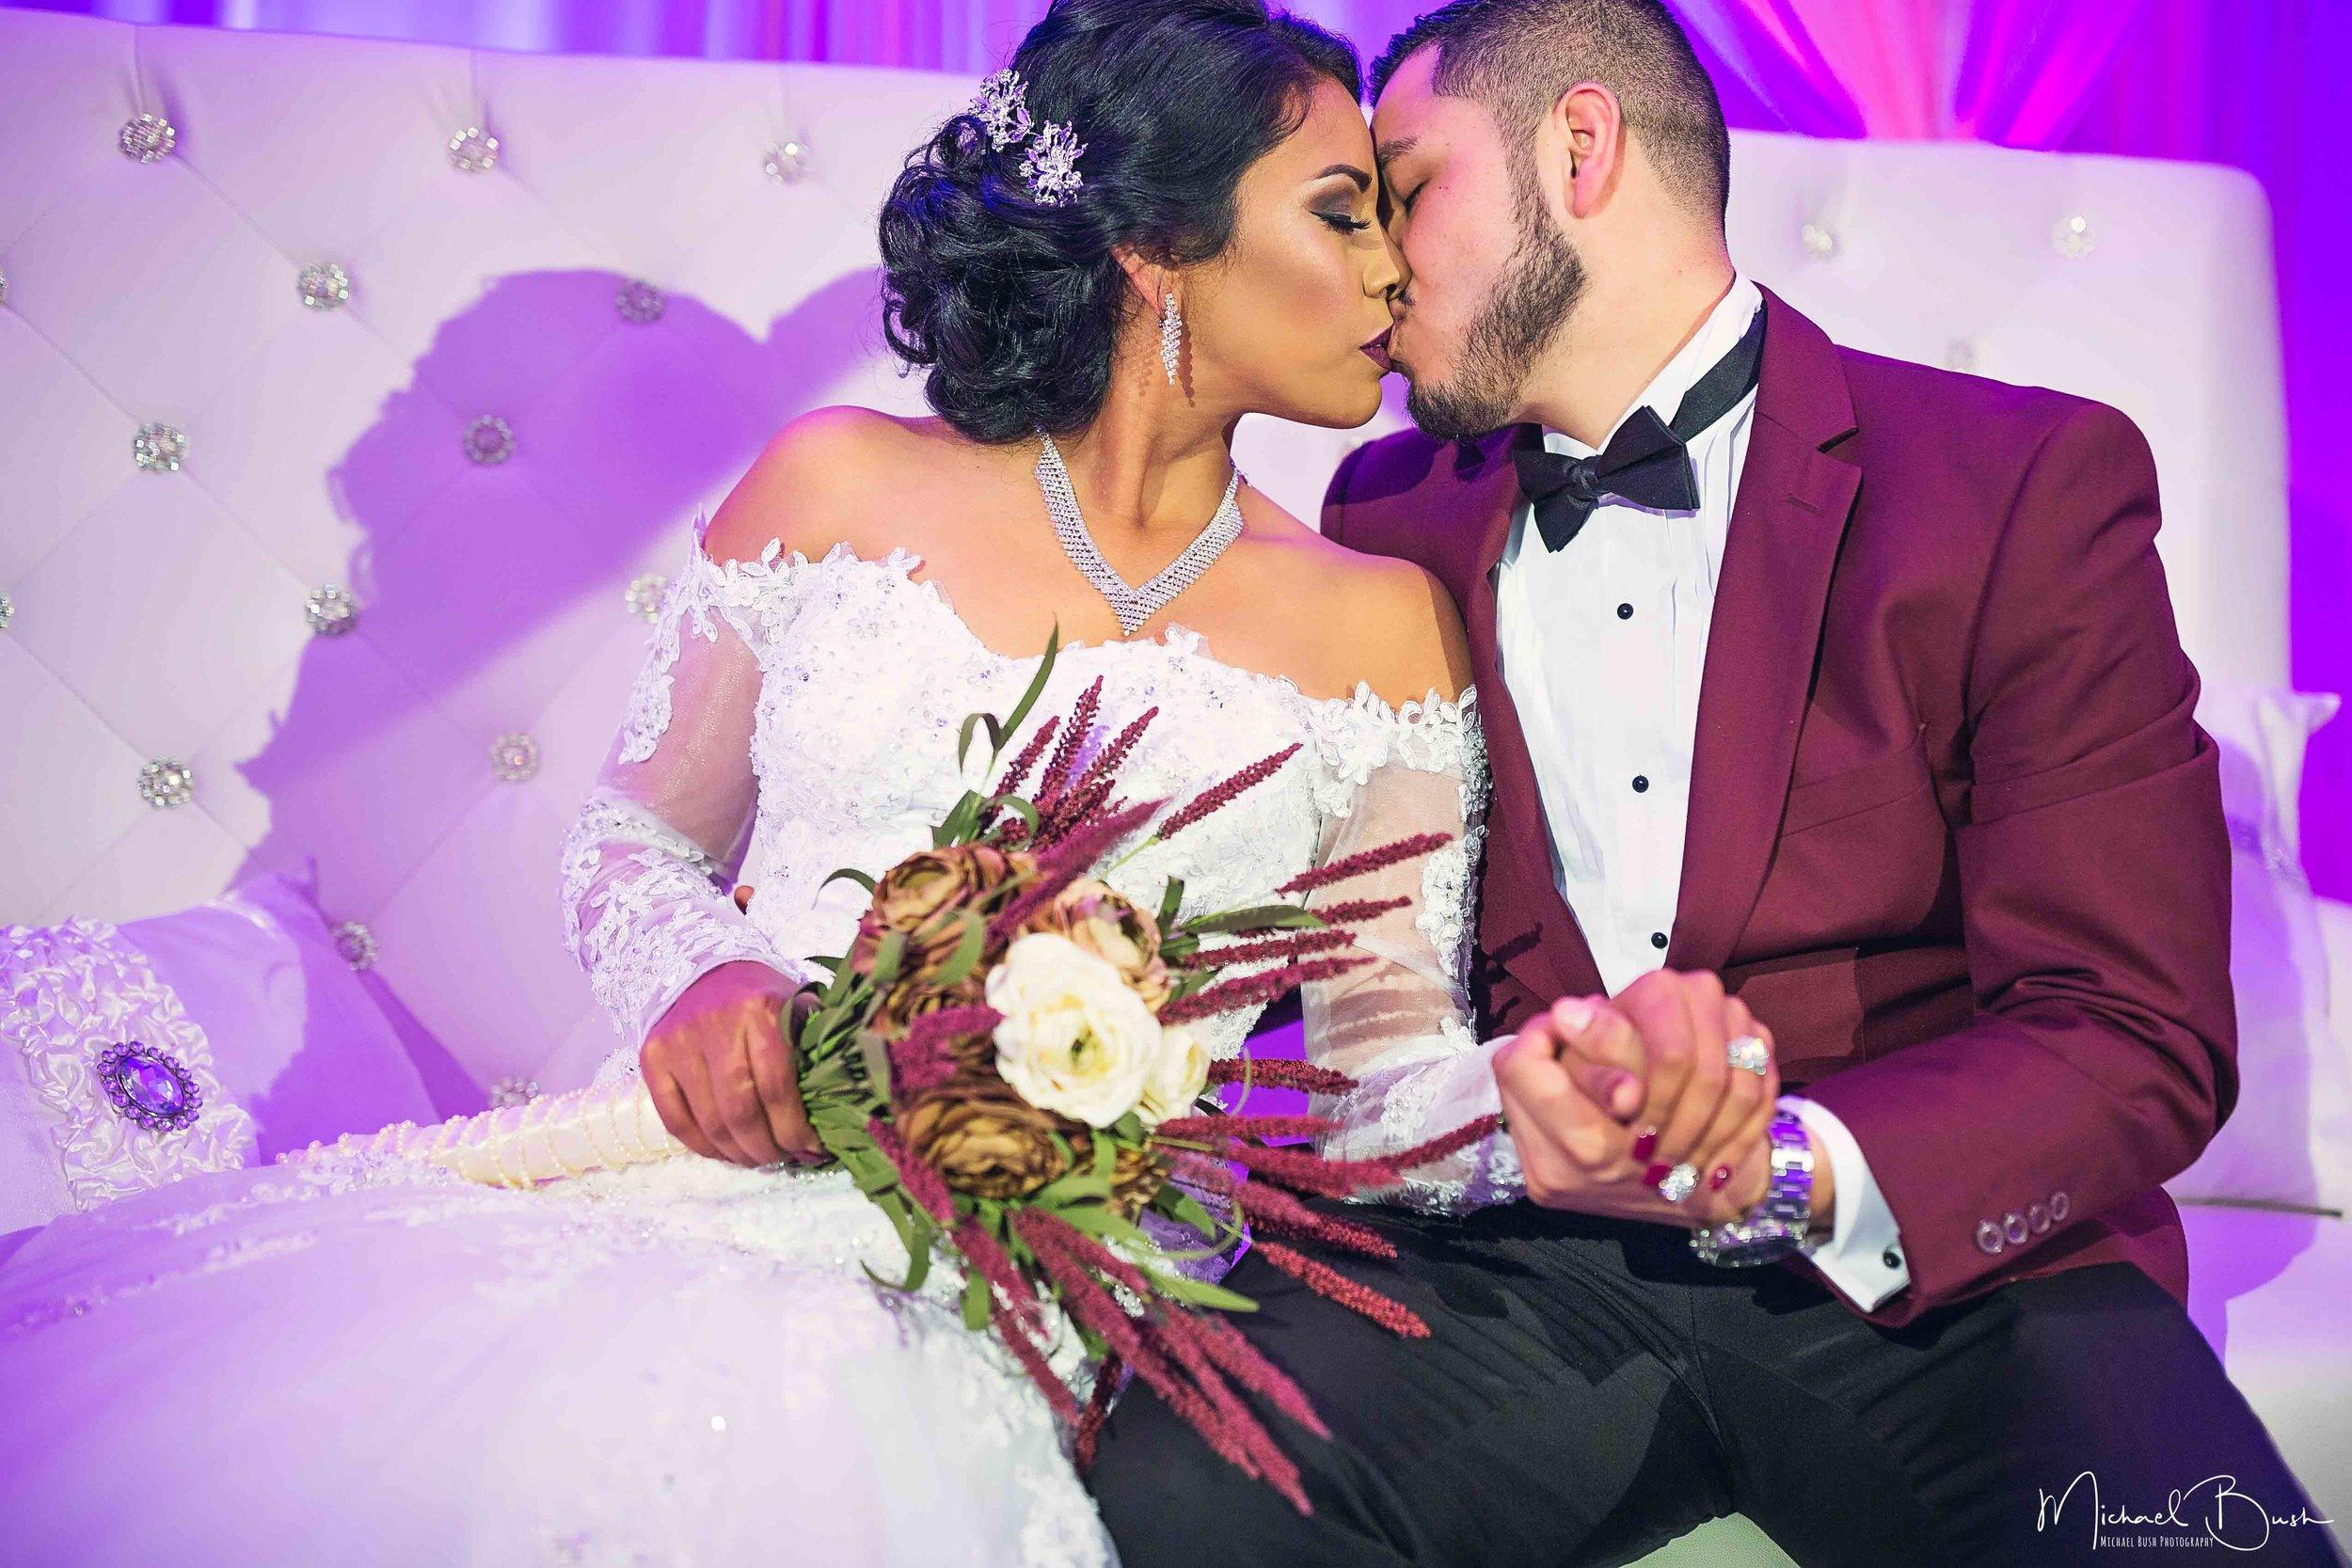 Wedding-Reception-Detials-Fort-Worth-Venue-wemadeit-love-kiss-bouquet.jpg